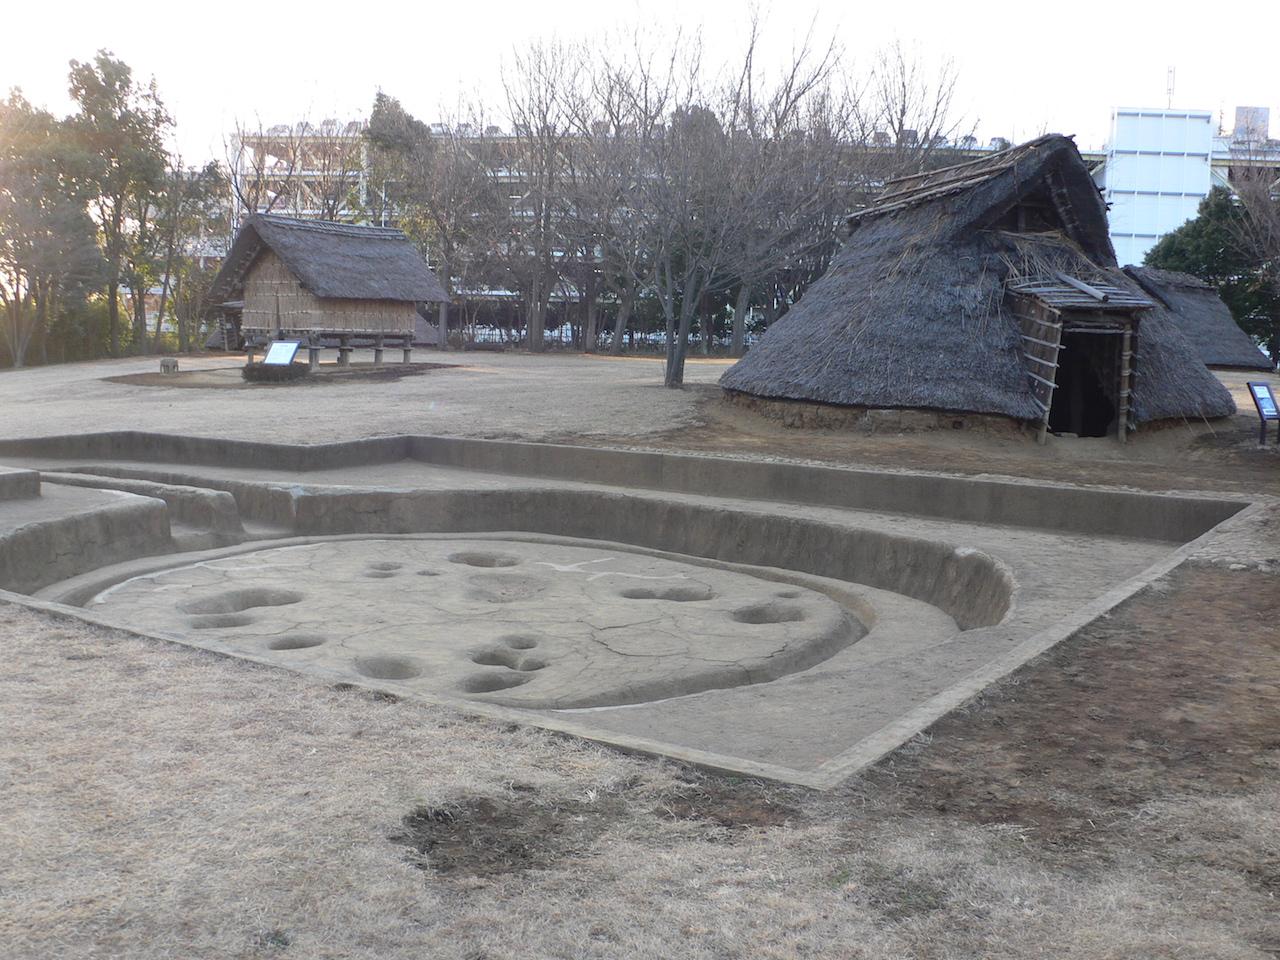 横浜市歴史博物館 大塚・歳勝土遺跡公園